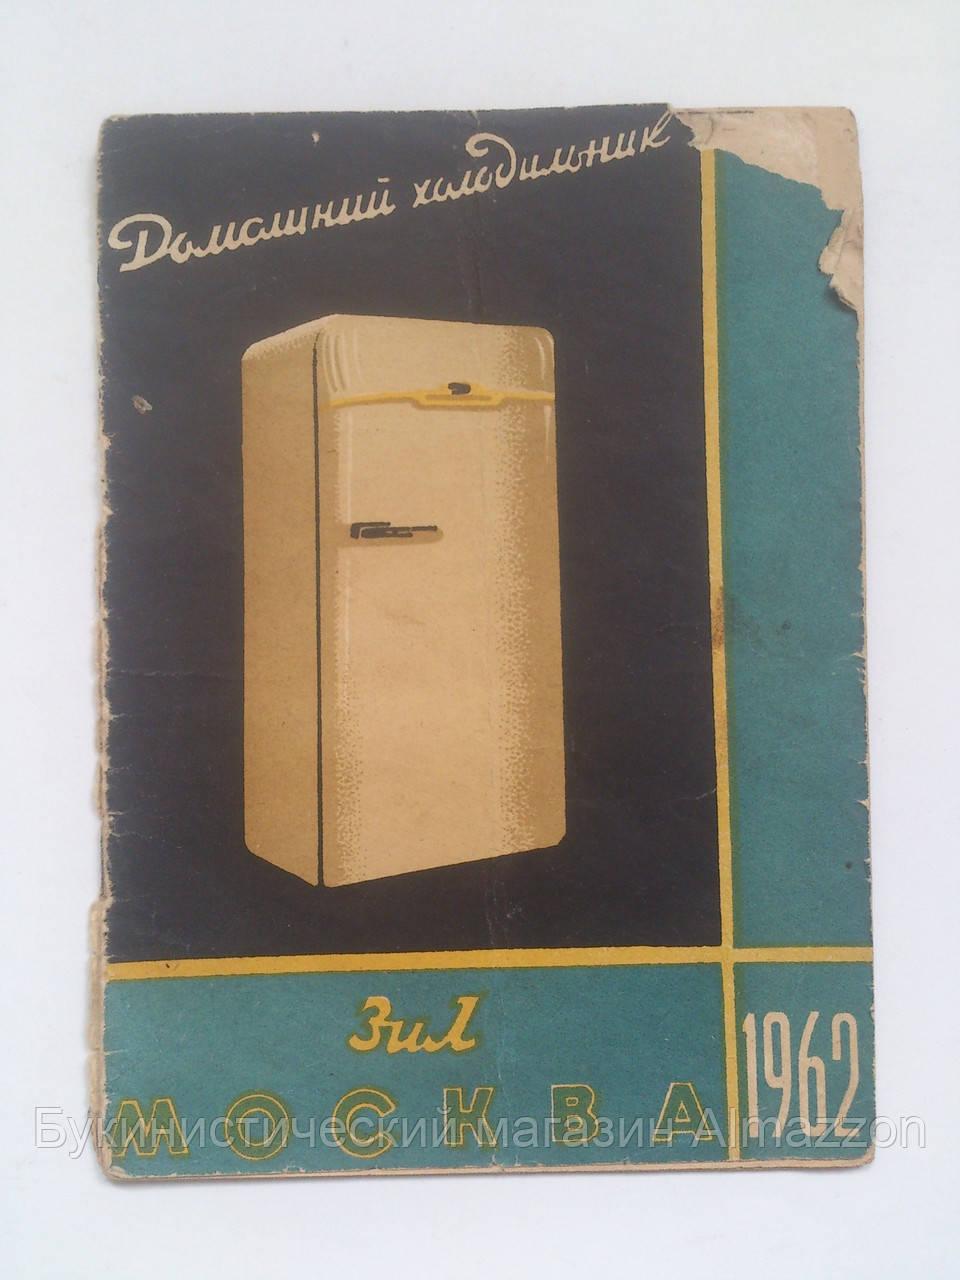 Домашний холодильник Зил Москва 1962 год. Краткое руководство по эксплуатации и уходу